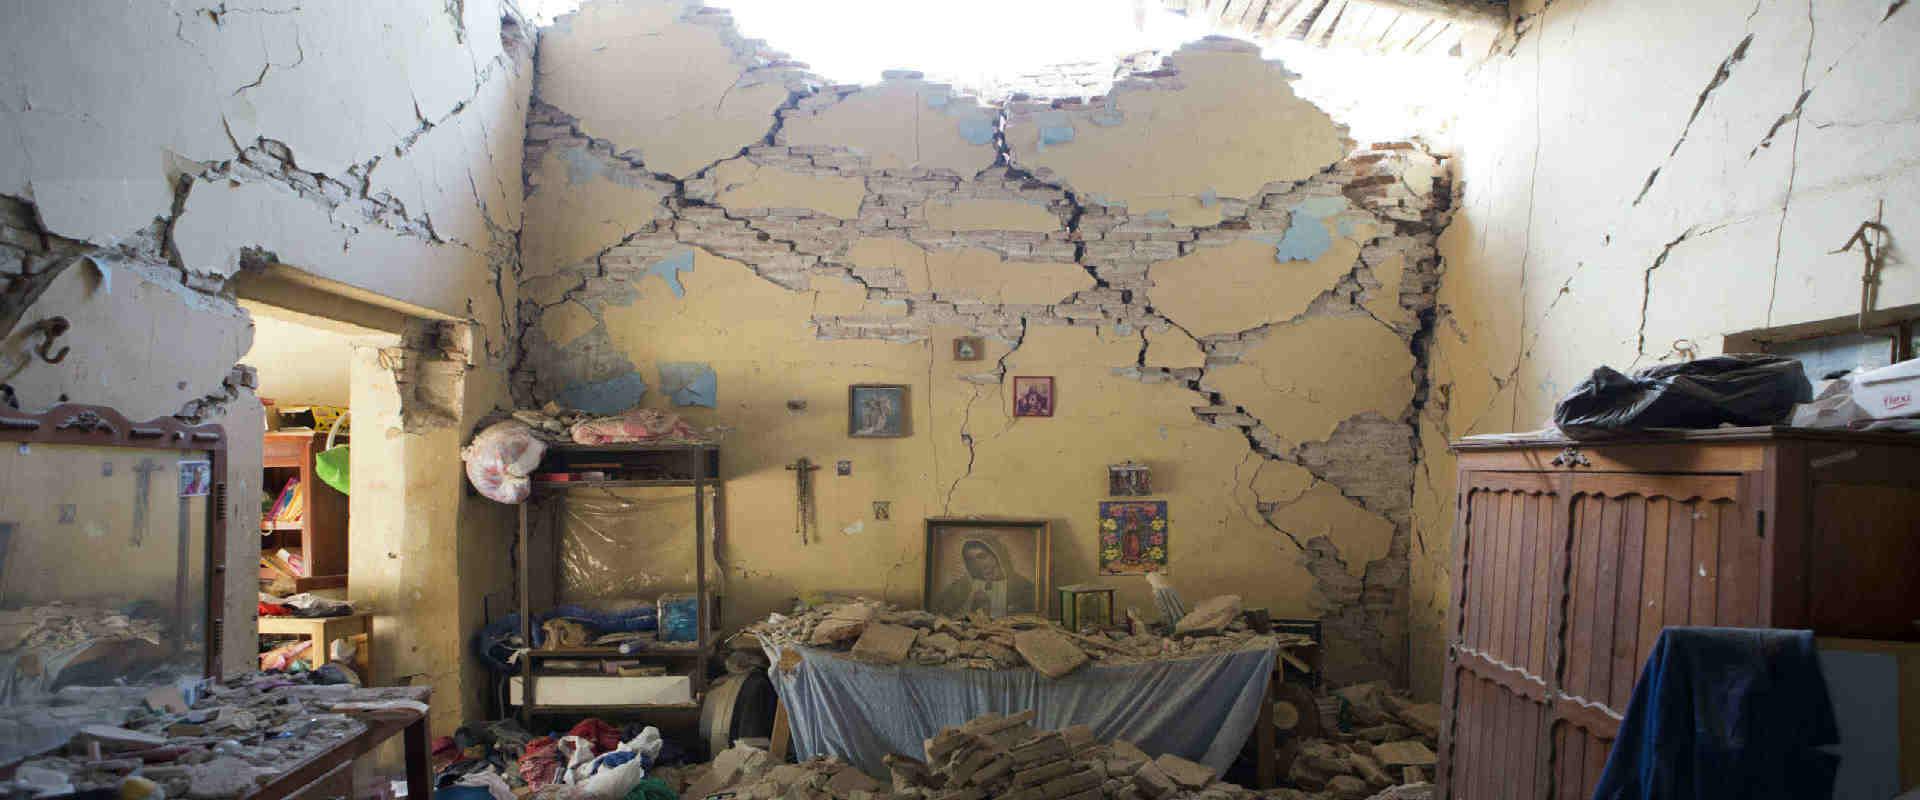 נזקי רעידת האדמה במקסיקו